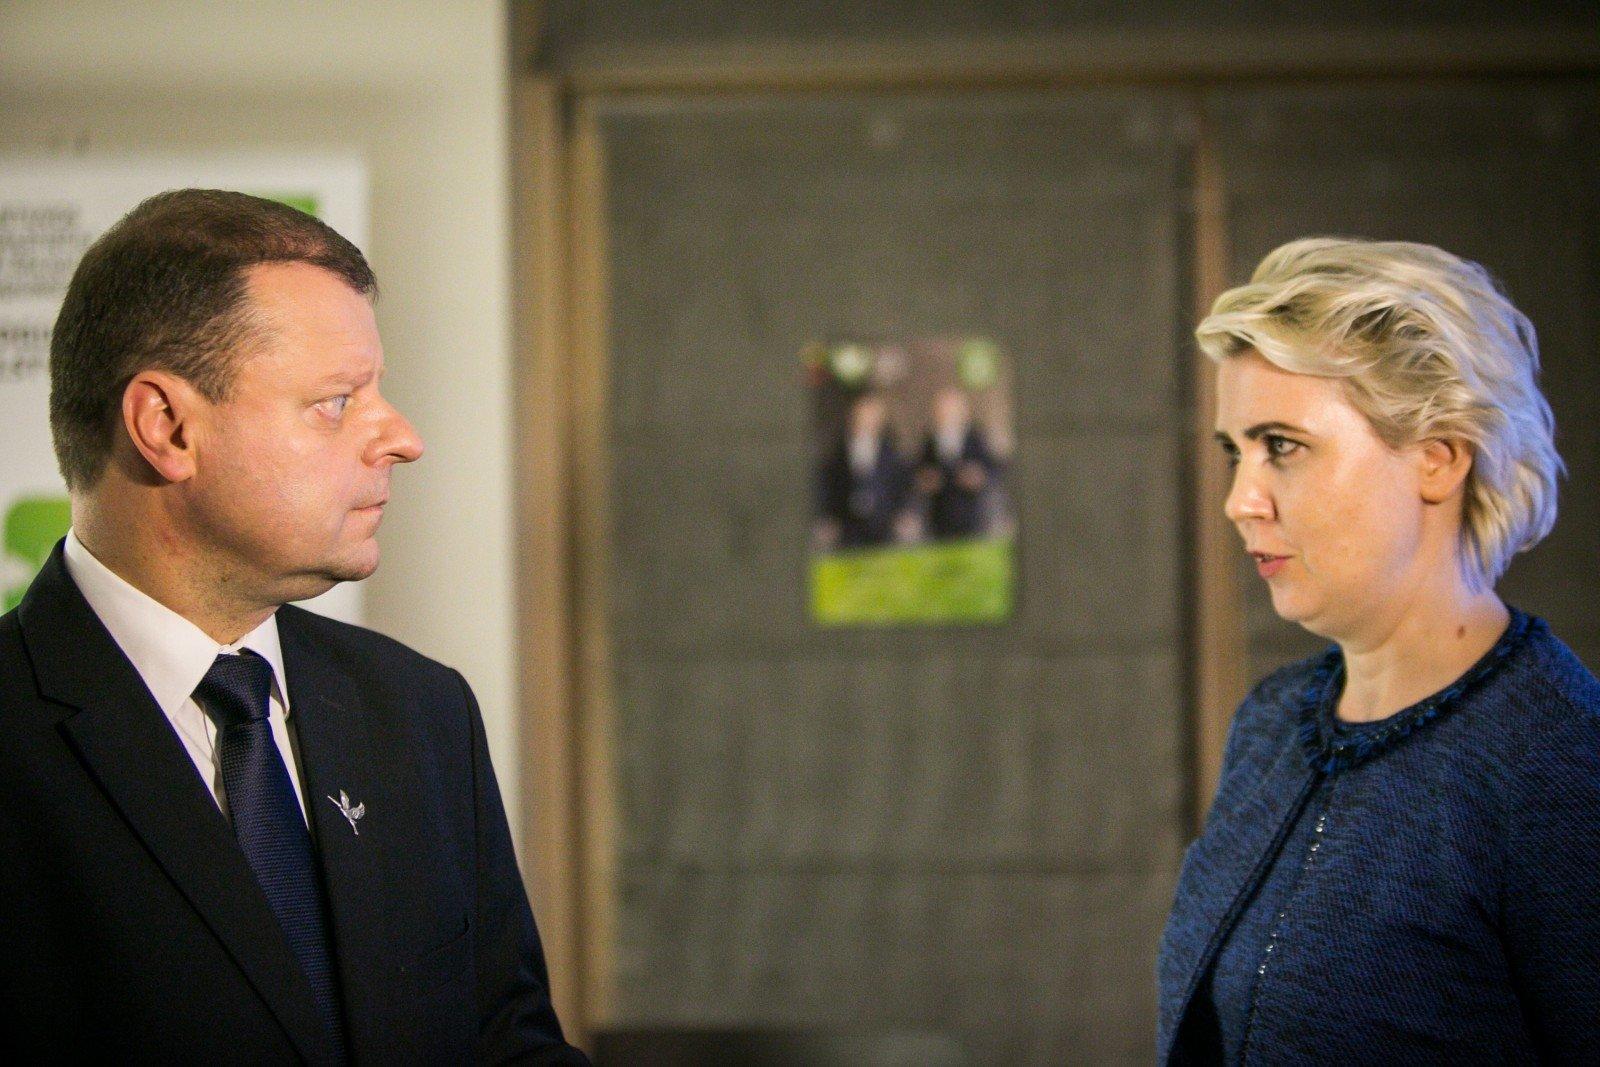 Власти Литвы посоветовали СМИ 50% публикаций отводить положительным новостям